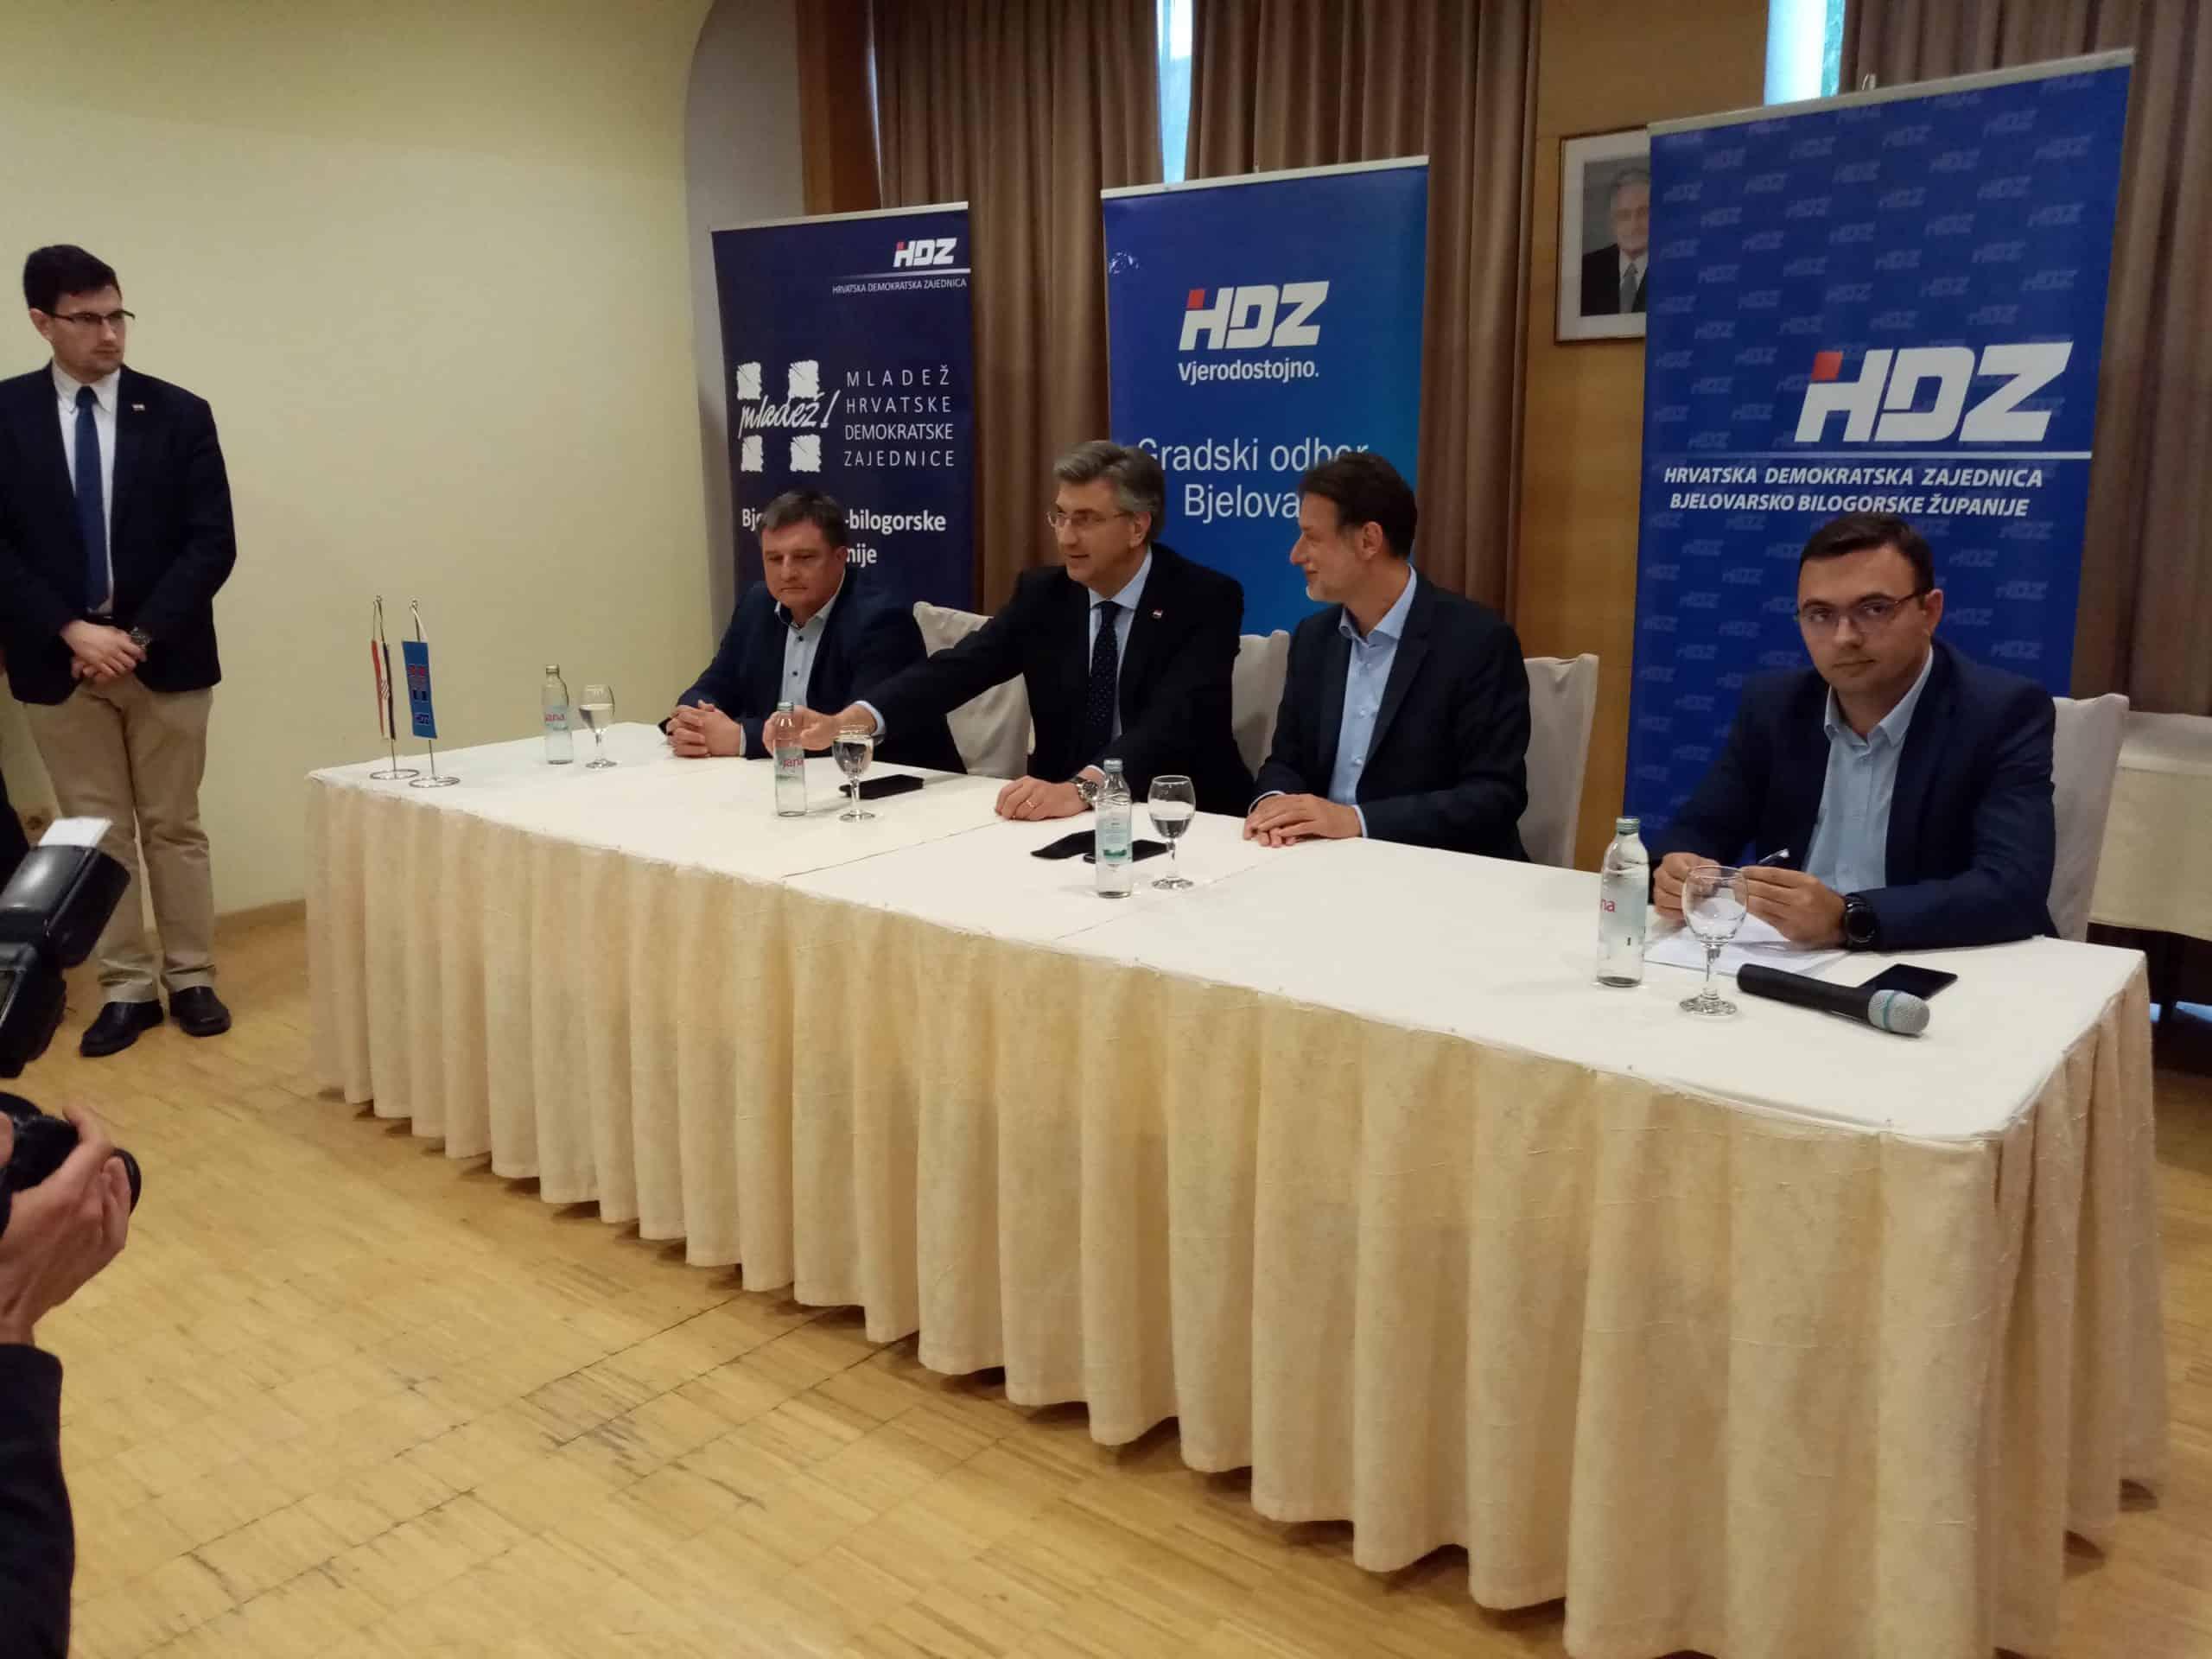 PARLAMENTARNI IZBORI Glas za HDZ, glas za sigurnu Hrvatsku!